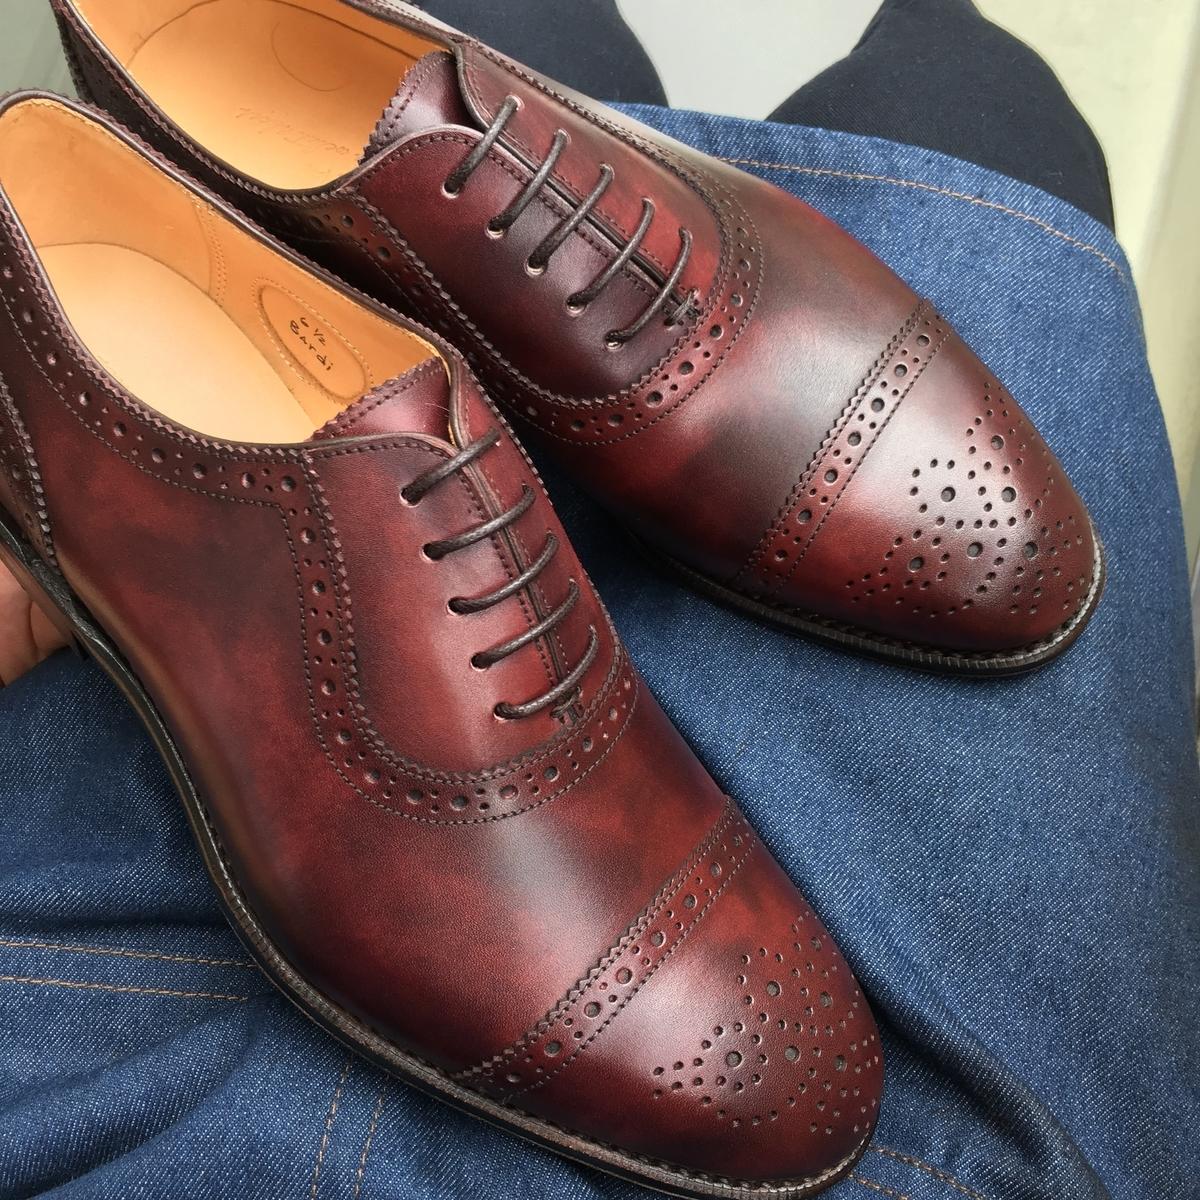 f:id:raymar-shoes:20190801230524j:plain